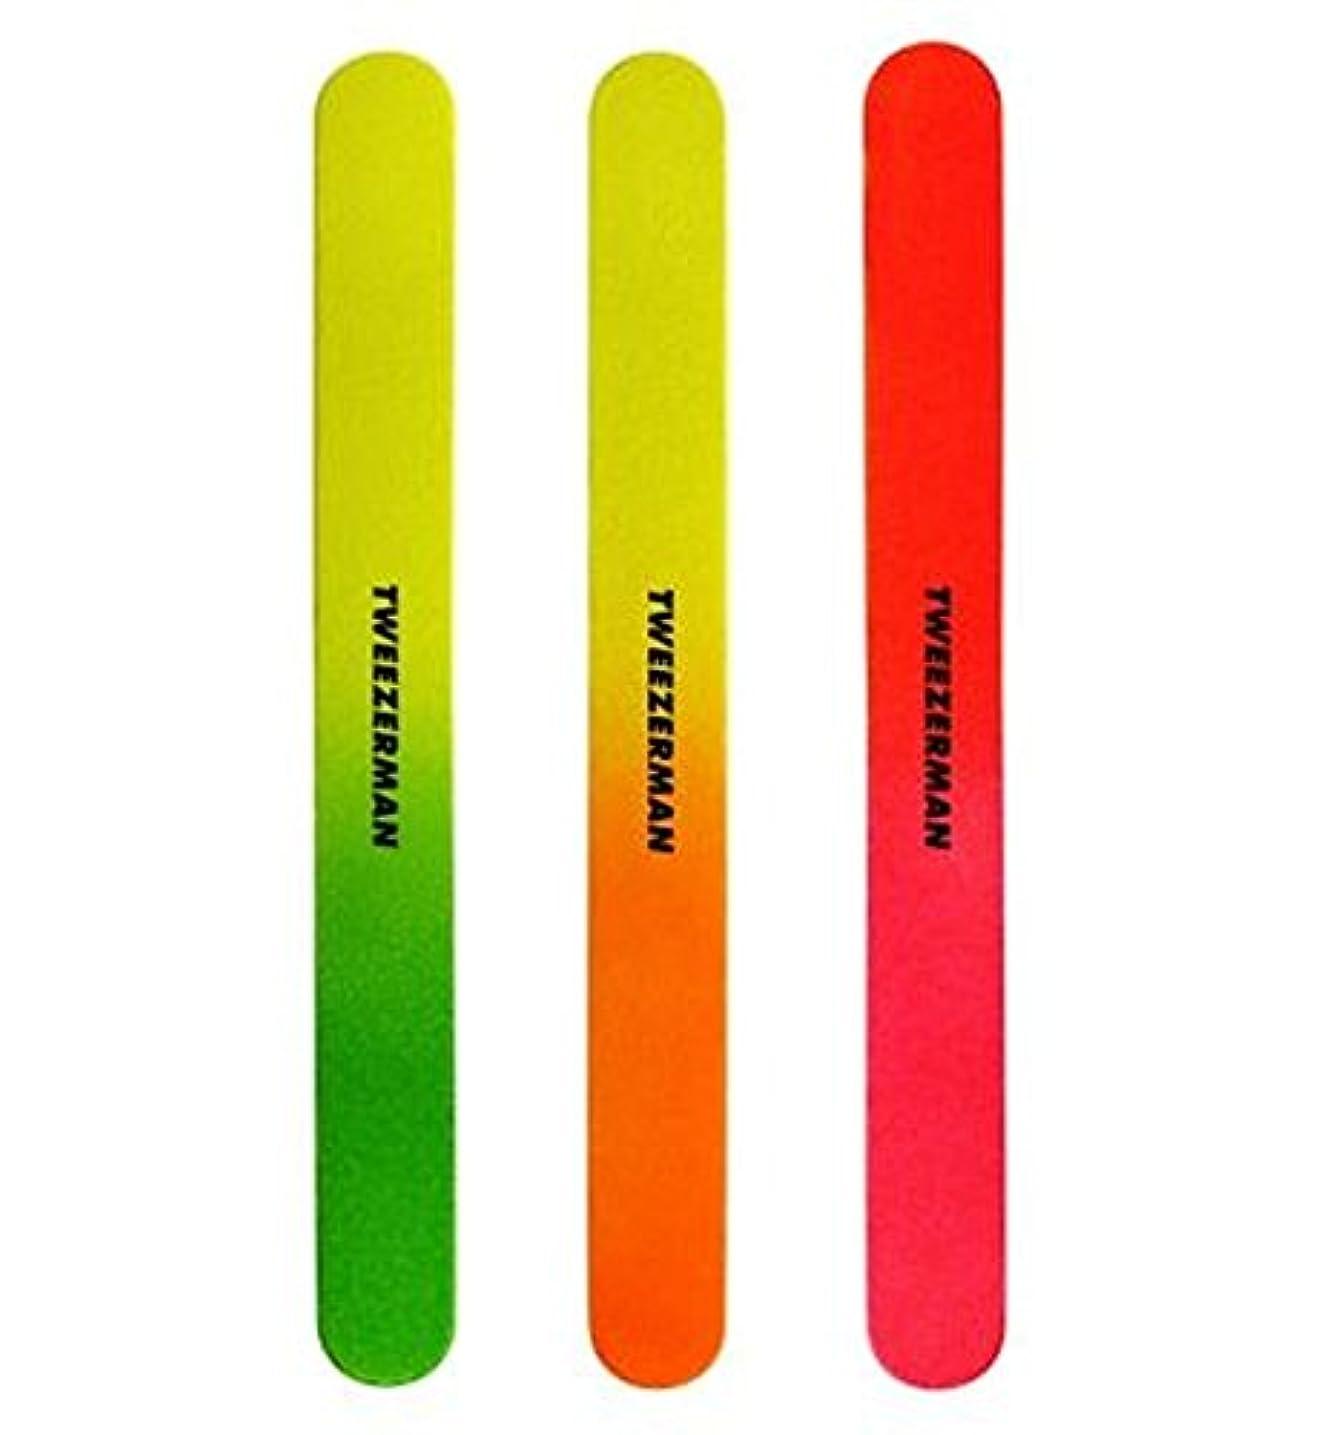 遺伝的アパート暴力Tweezerman Neon Files pack of 3 - 3のツィーザーマンネオンファイルパック (Tweezerman) [並行輸入品]